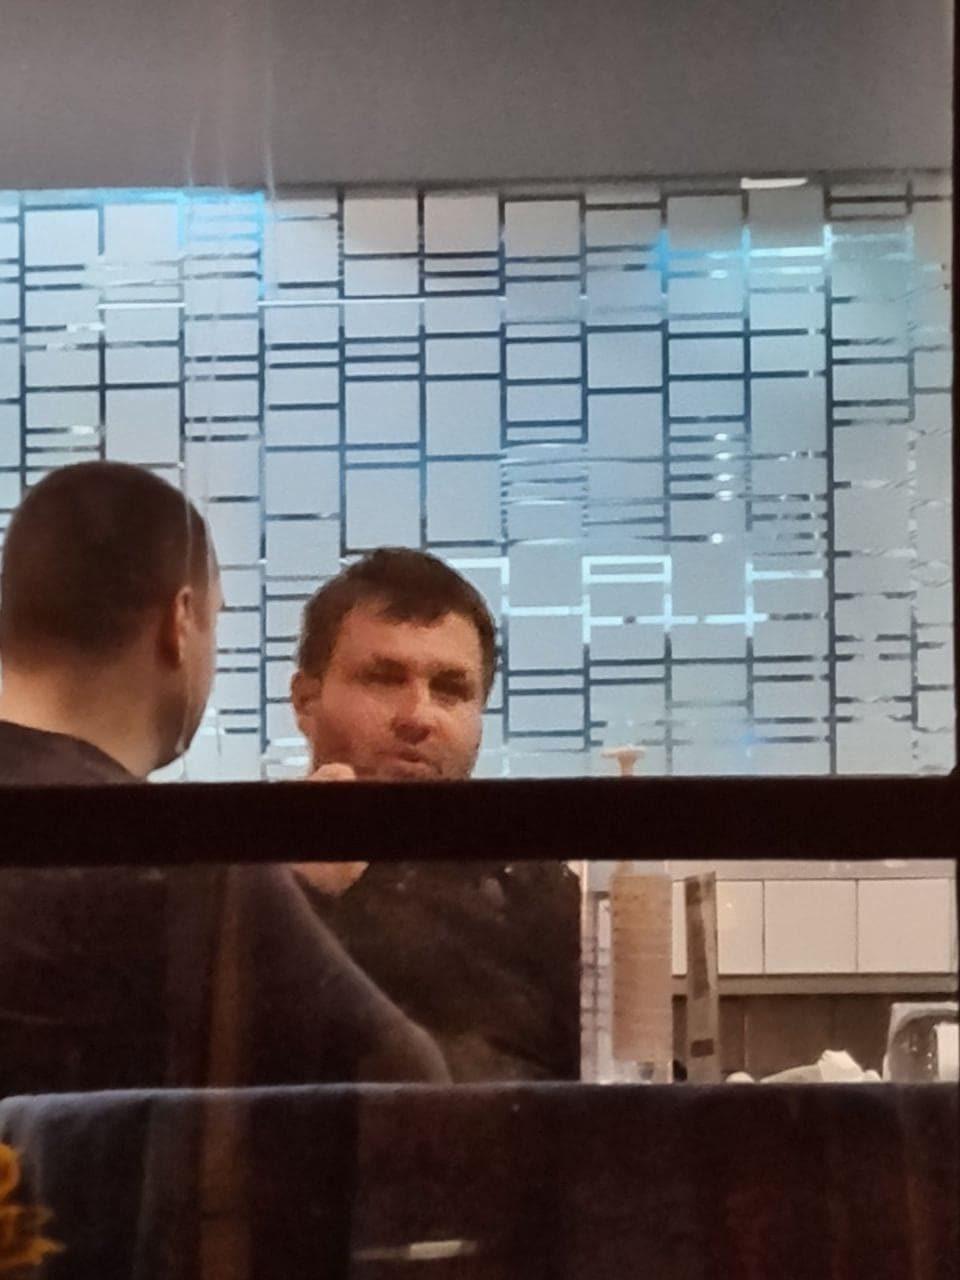 Нелоски: Богдановиќ беше во хотел за време на полициски час, го прекрши законот и протоколите